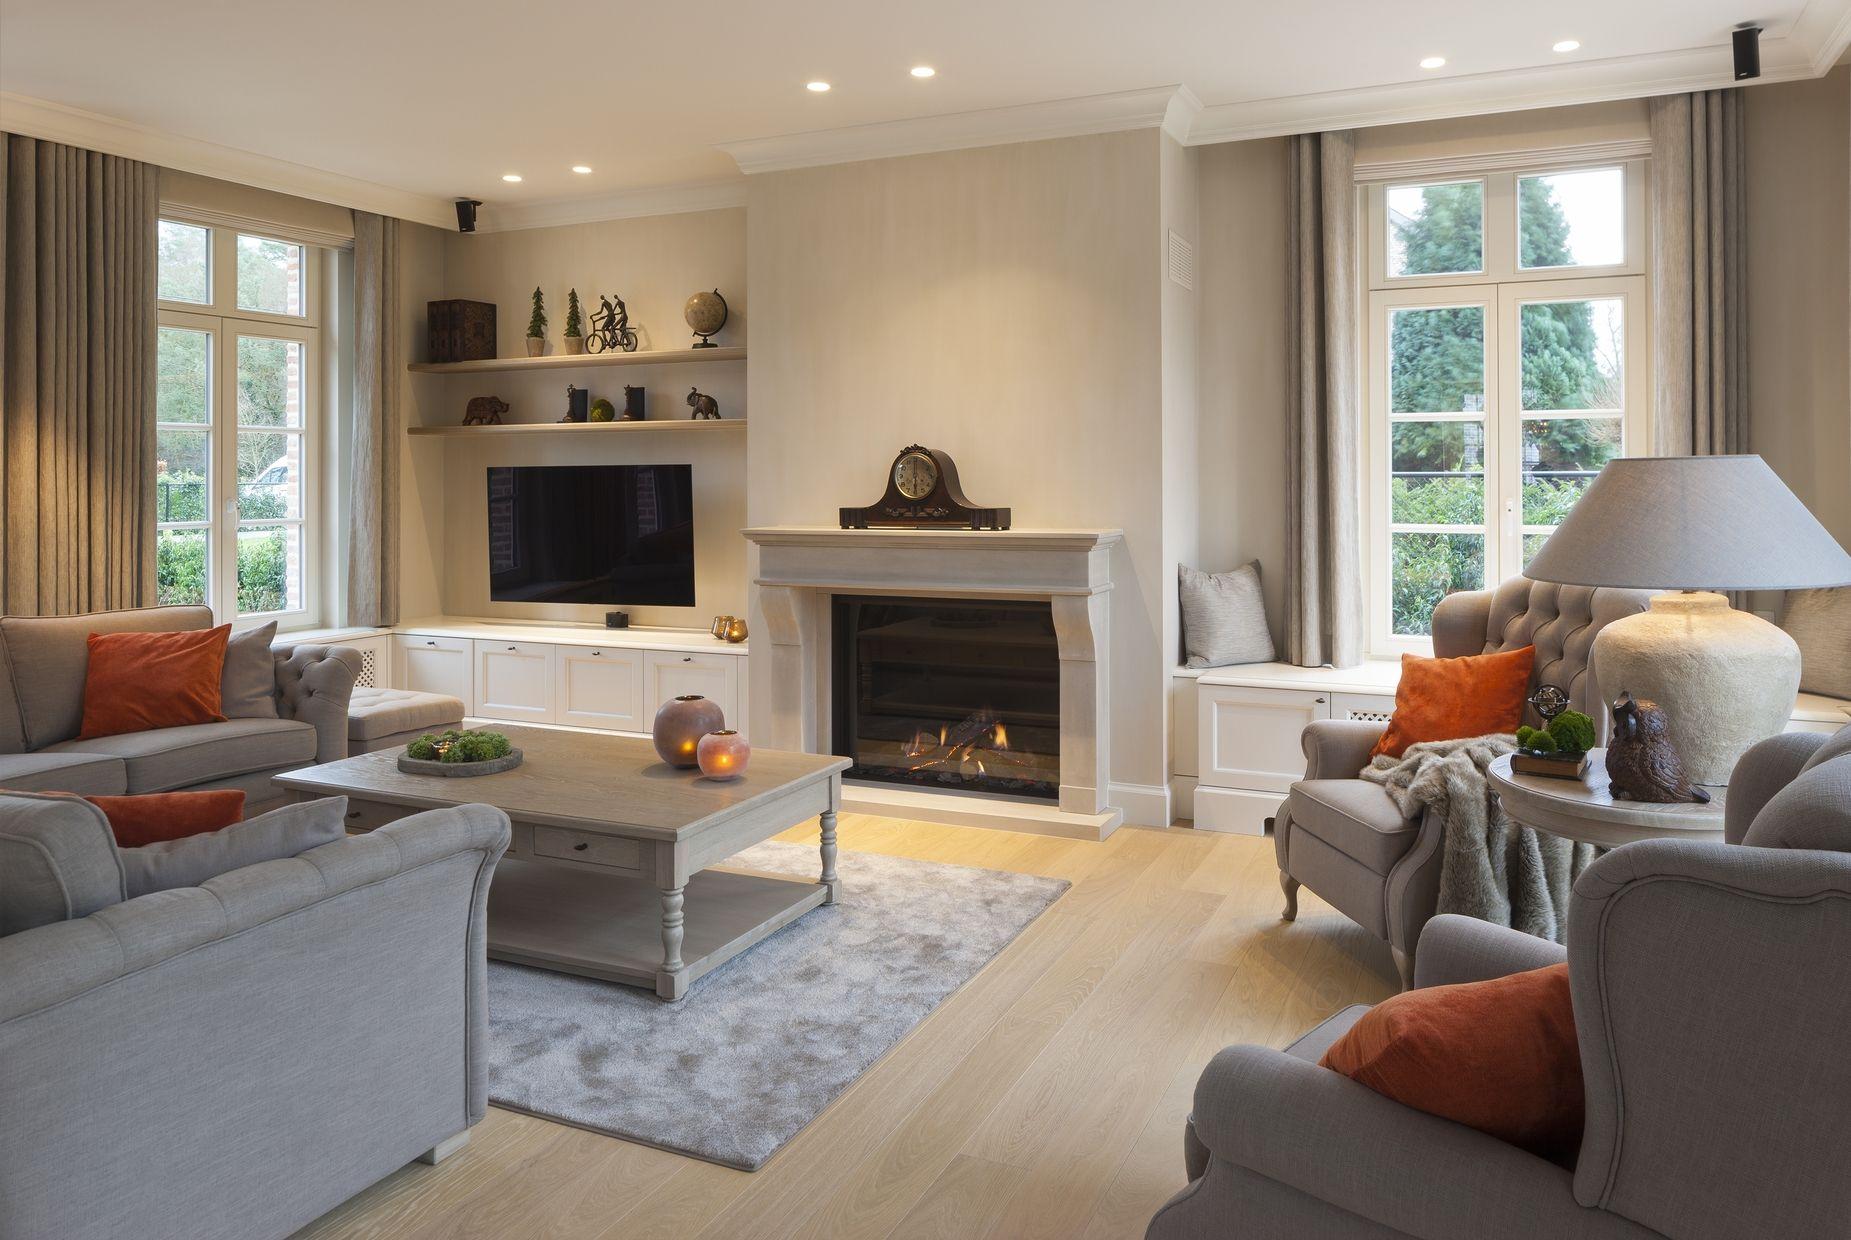 Open Haard Renoveren : Magnus villa s villabouw u renovatie u interieur openhaard